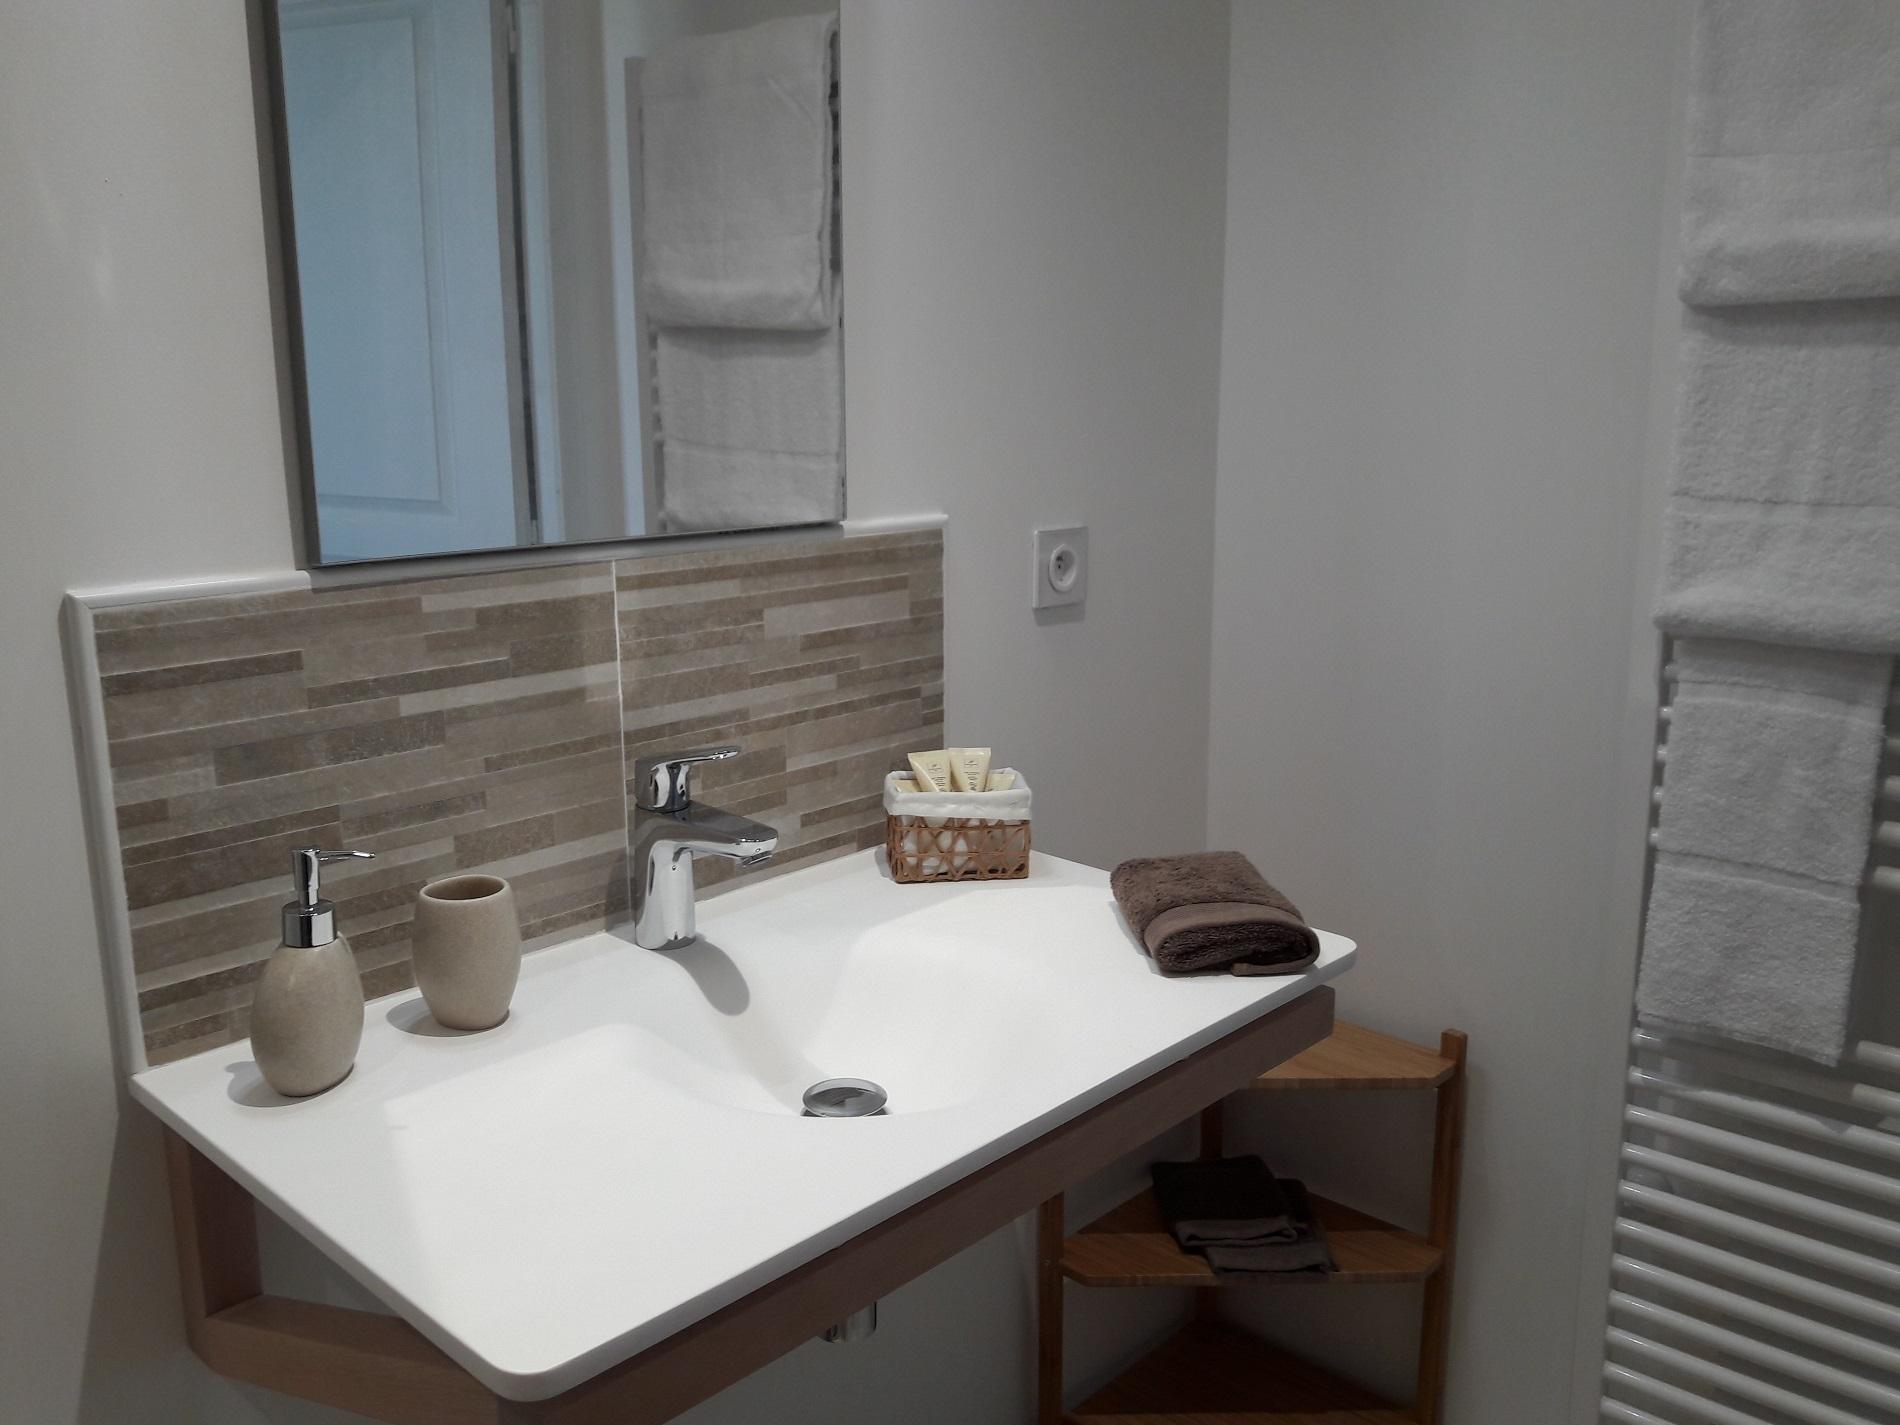 Salle de bain avec une vasque suspendue et miroir, produits de douche bio, sèche-cheveux